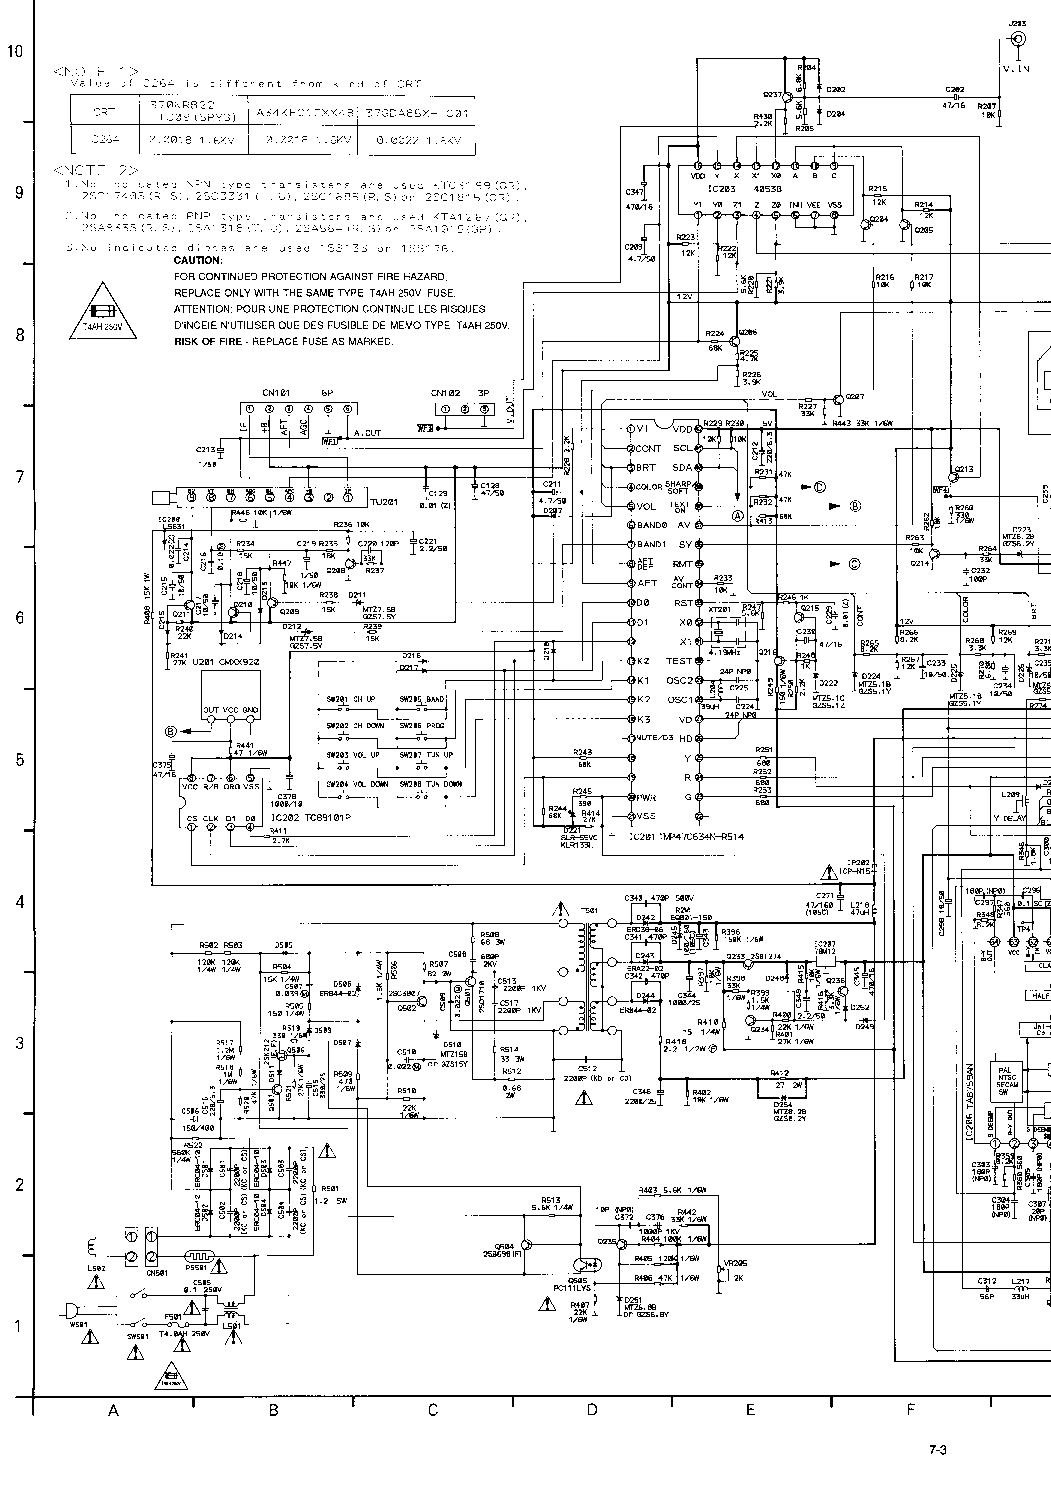 Как создать образ iso windows 7? Как сделать iso образ windows 7?